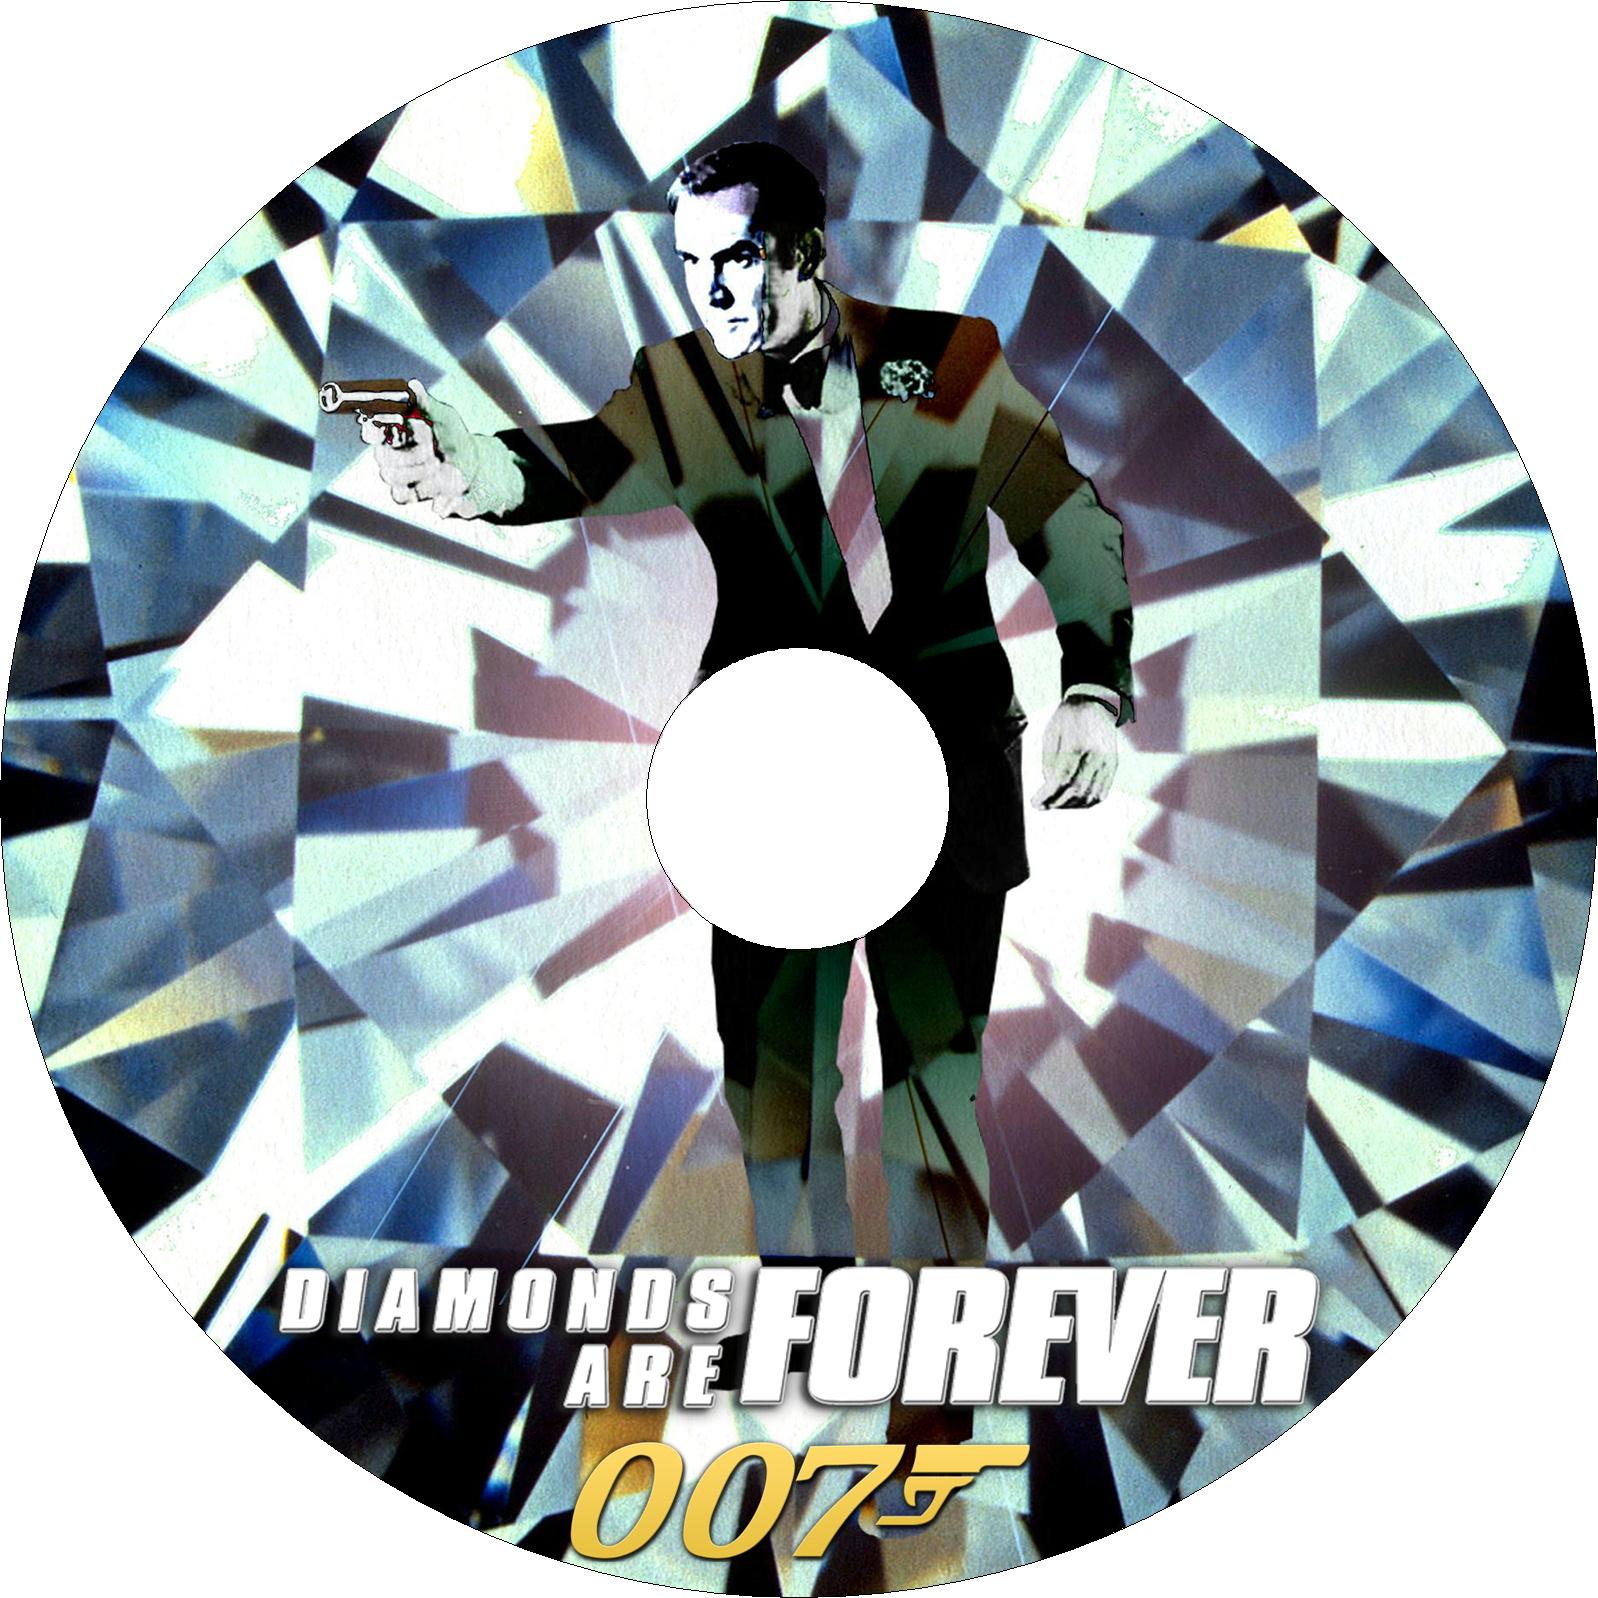 007 ダイヤモンドは永遠に ラベル